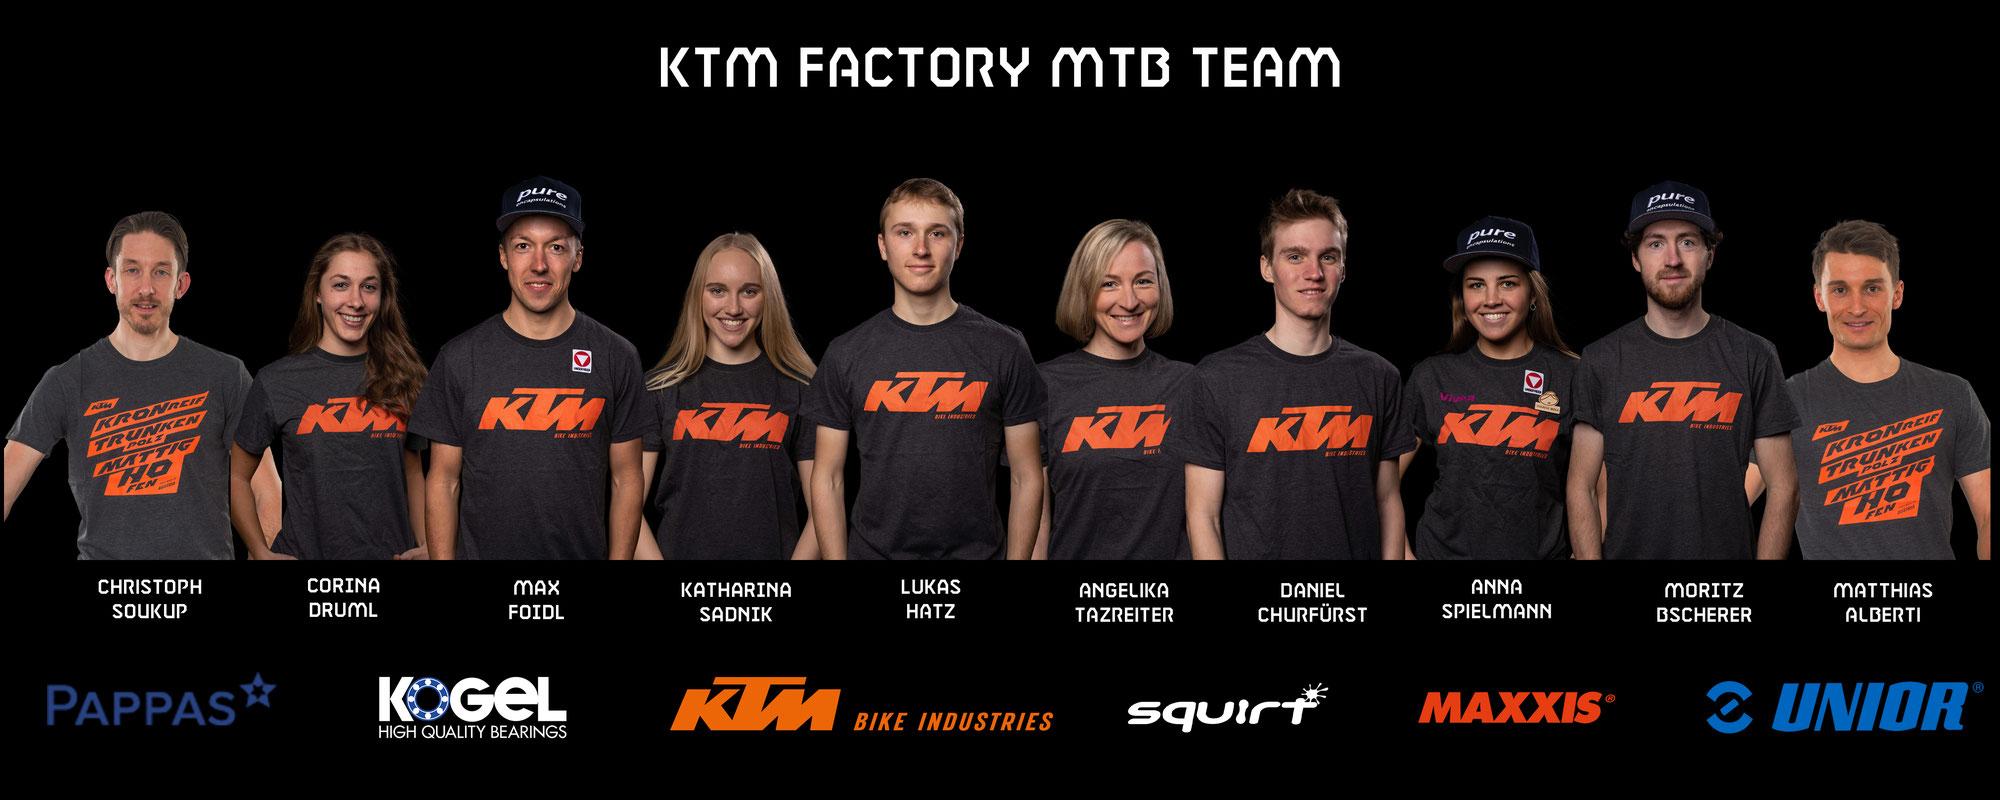 Mit neuer Struktur weiter in Richtung Weltspitze: KTM FACTORY MTB TEAM